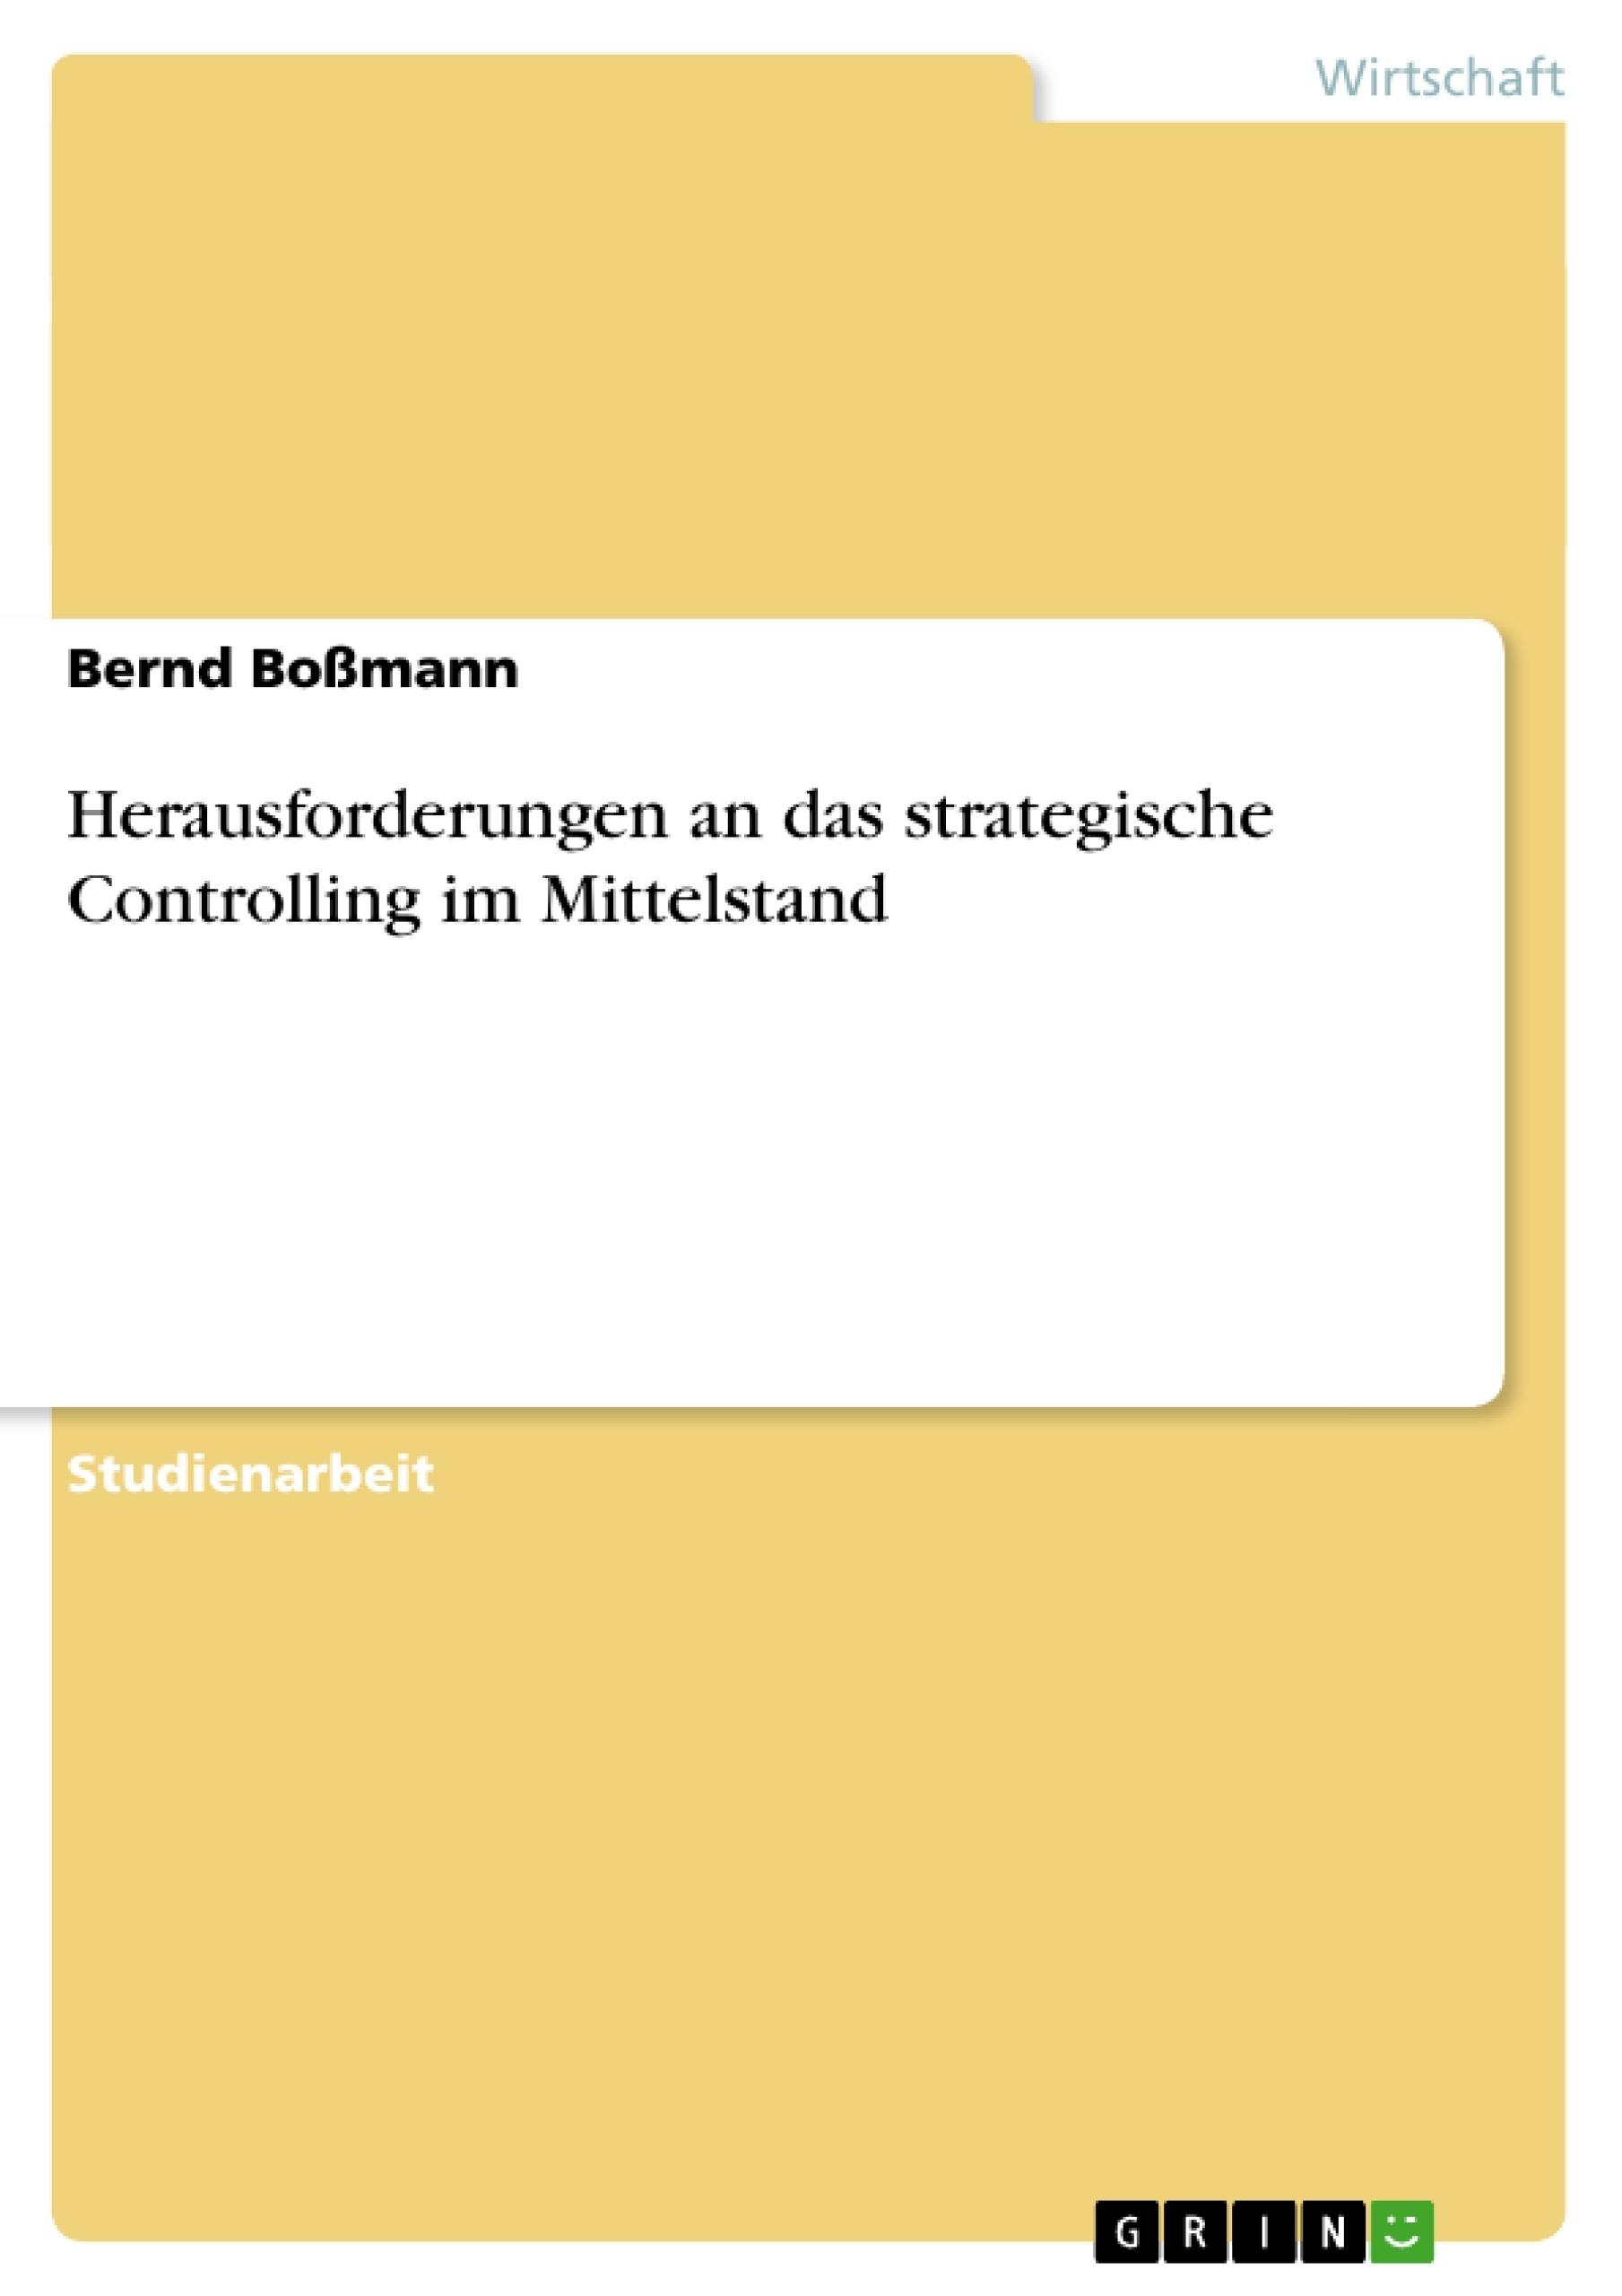 Titel: Herausforderungen an das strategische Controlling im Mittelstand